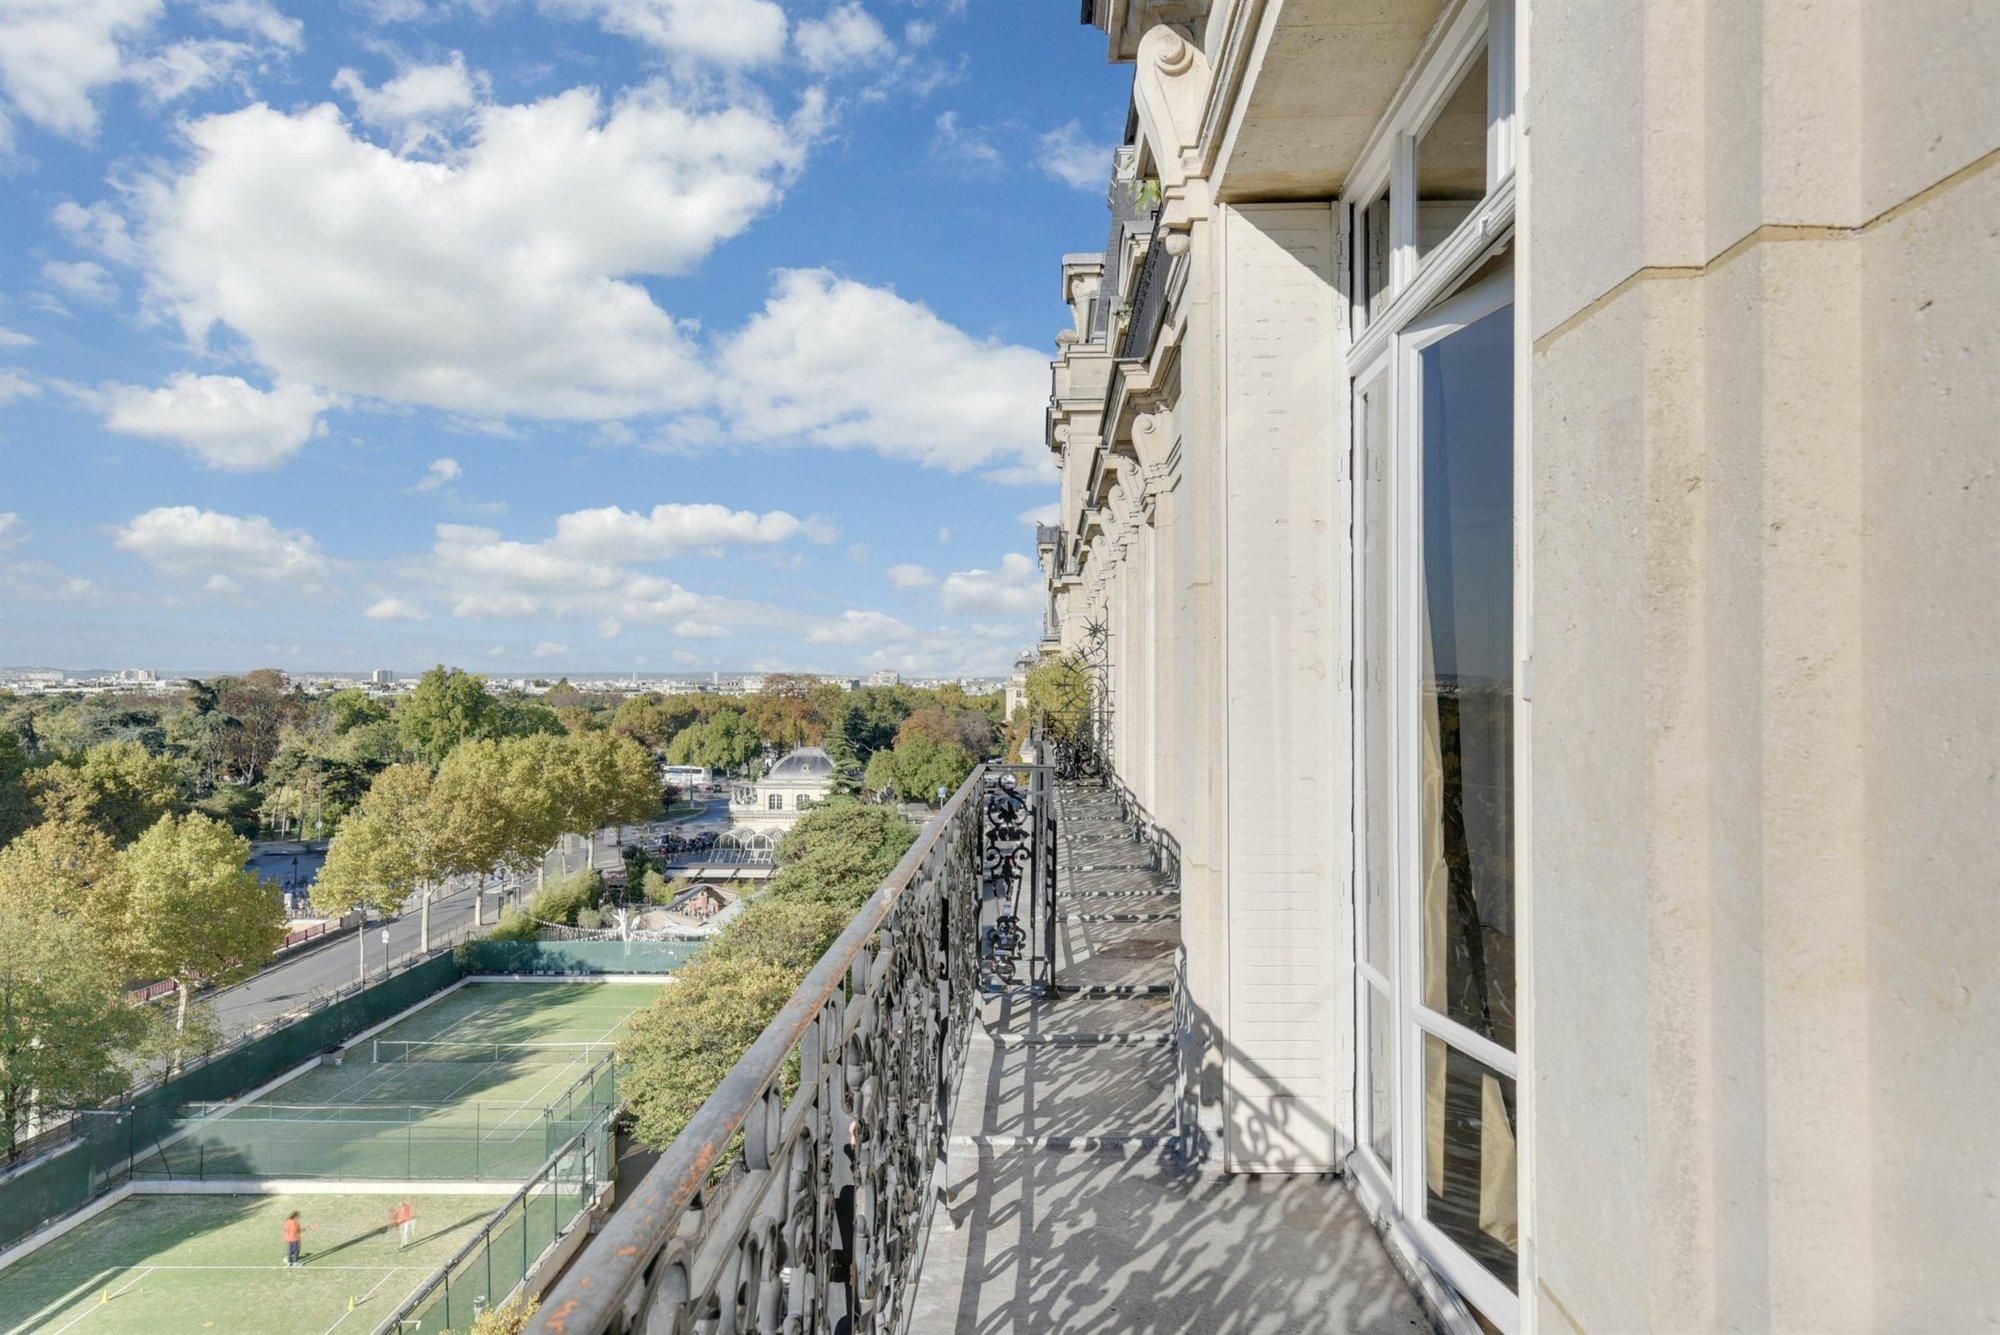 Apartment in Paris, Île-de-France, France 1 - 10399910